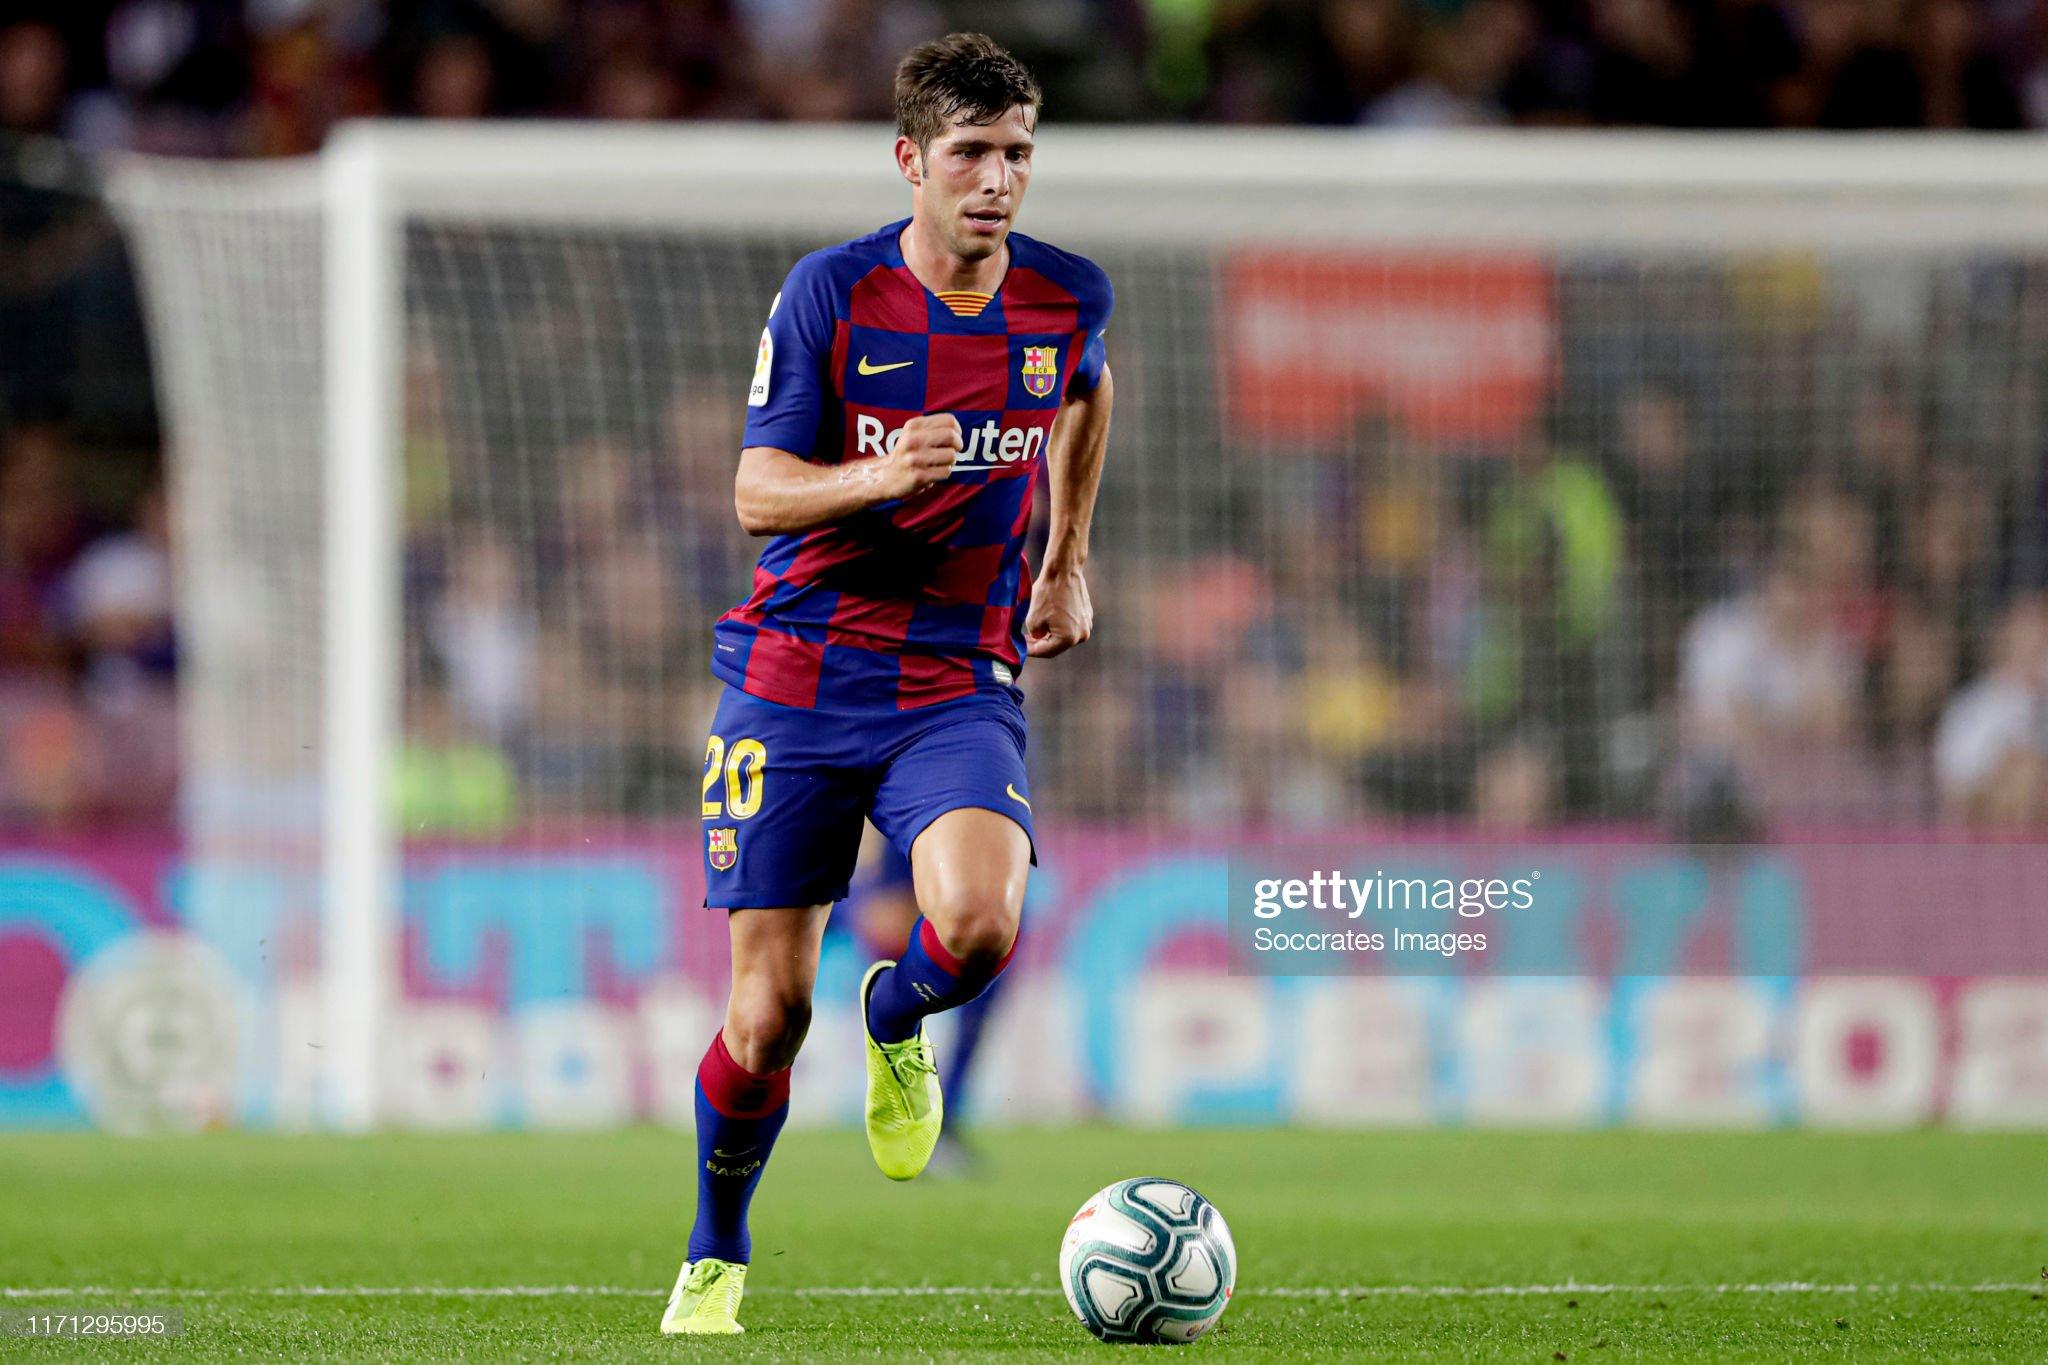 صور مباراة : برشلونة - فياريال 2-1 ( 24-09-2019 )  Sergi-roberto-of-fc-barcelona-during-the-la-liga-santander-match-fc-picture-id1171295995?s=2048x2048